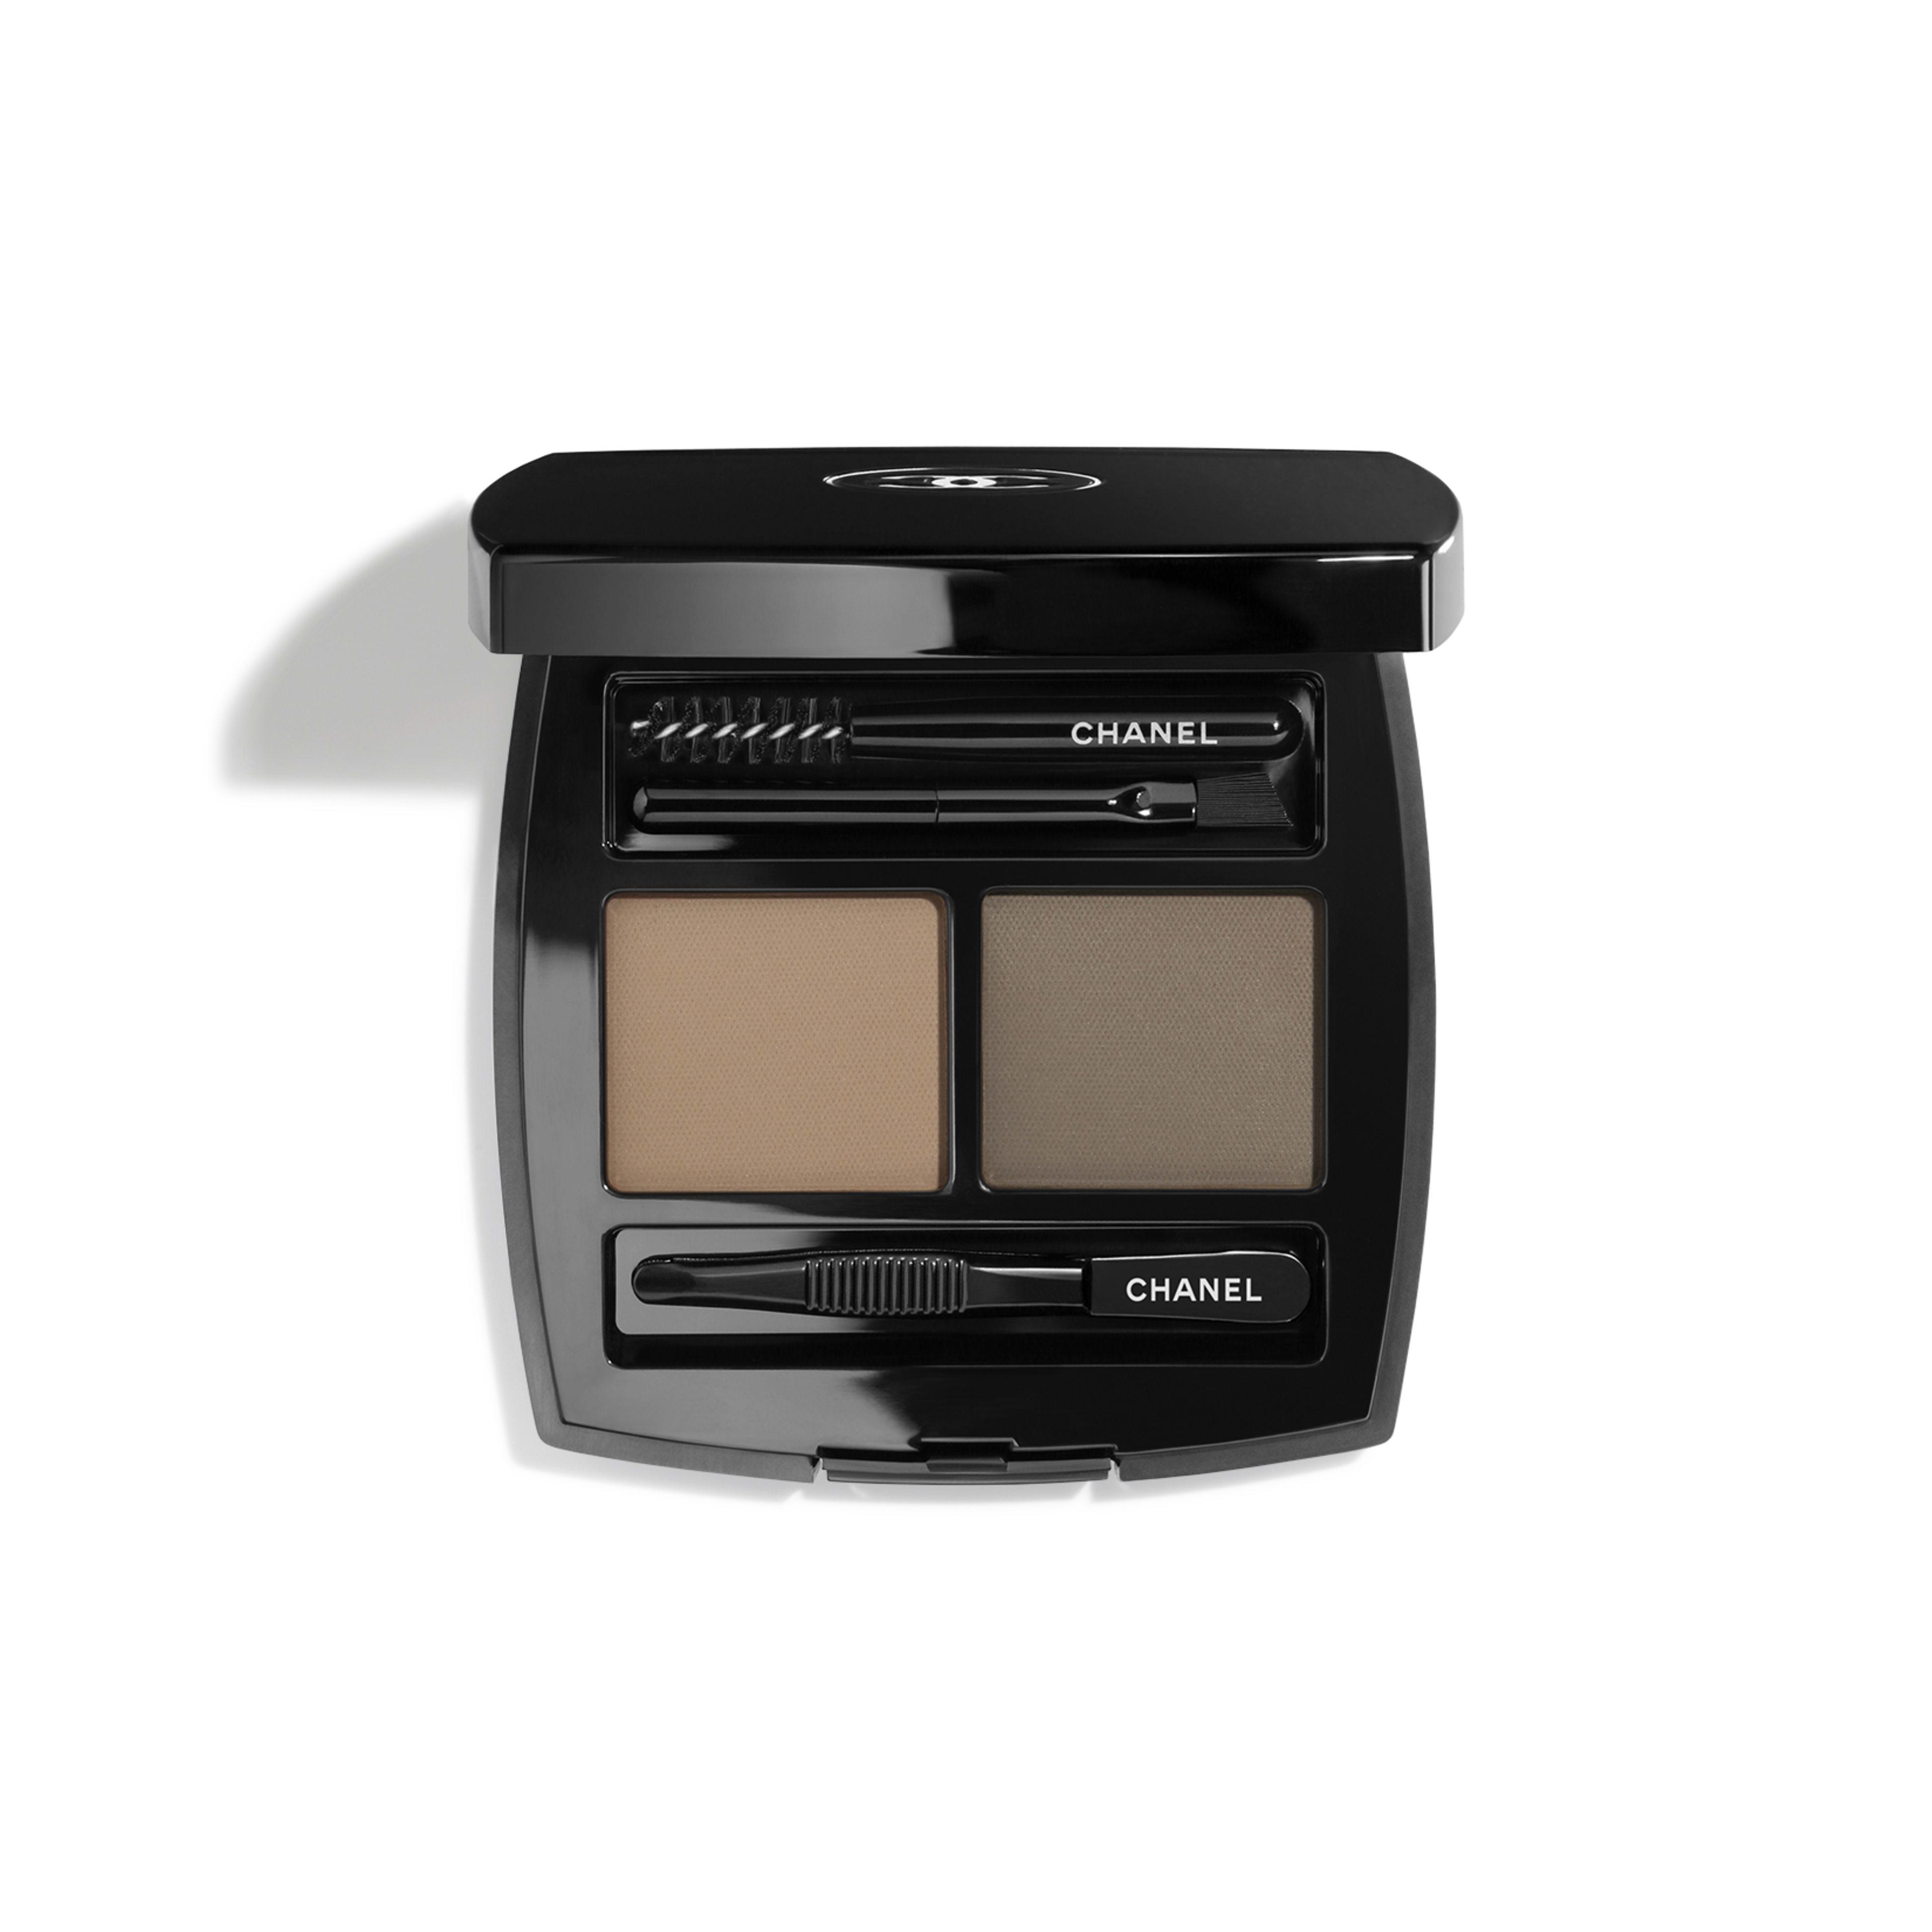 LA PALETTE SOURCILS DE CHANEL  - makeup - 4g - Default view